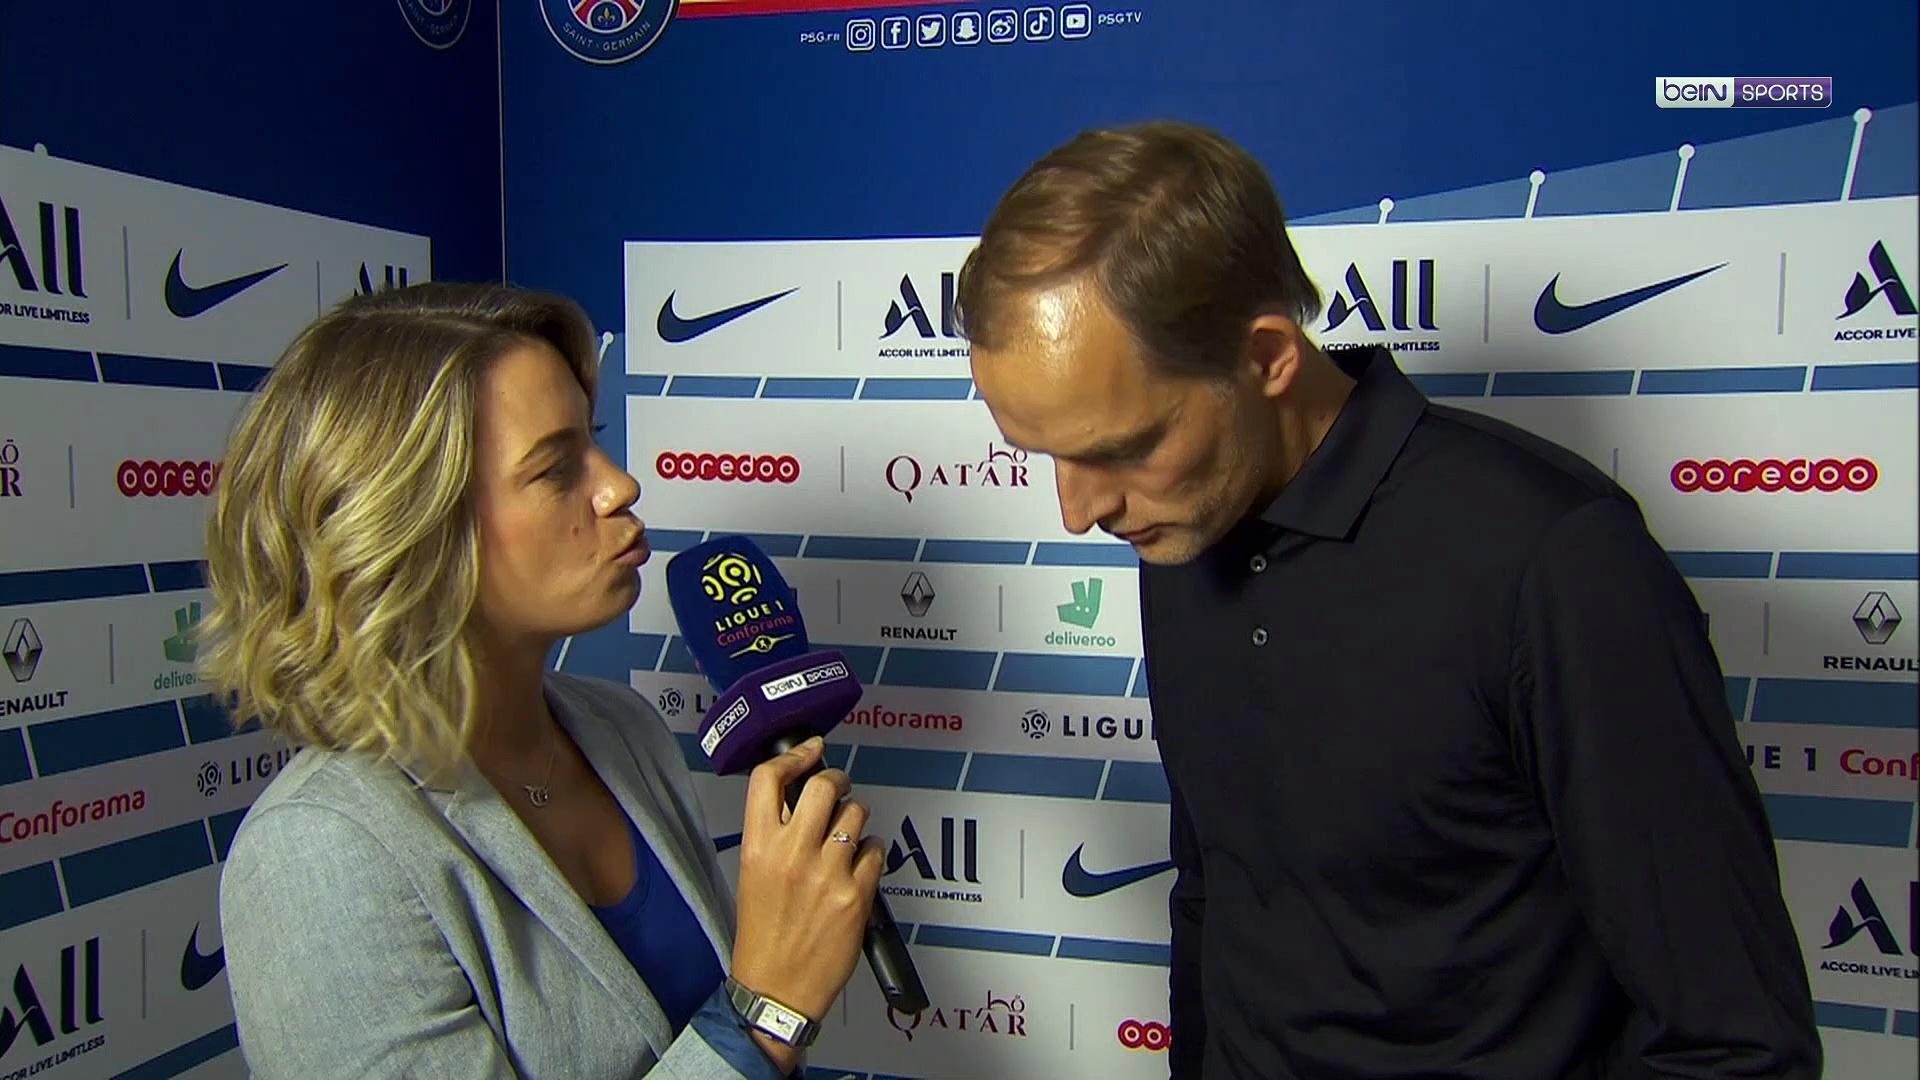 """PSG/Strasbourg - Tuchel: """"On a montré que l'on sait gagner dans la difficulté"""""""